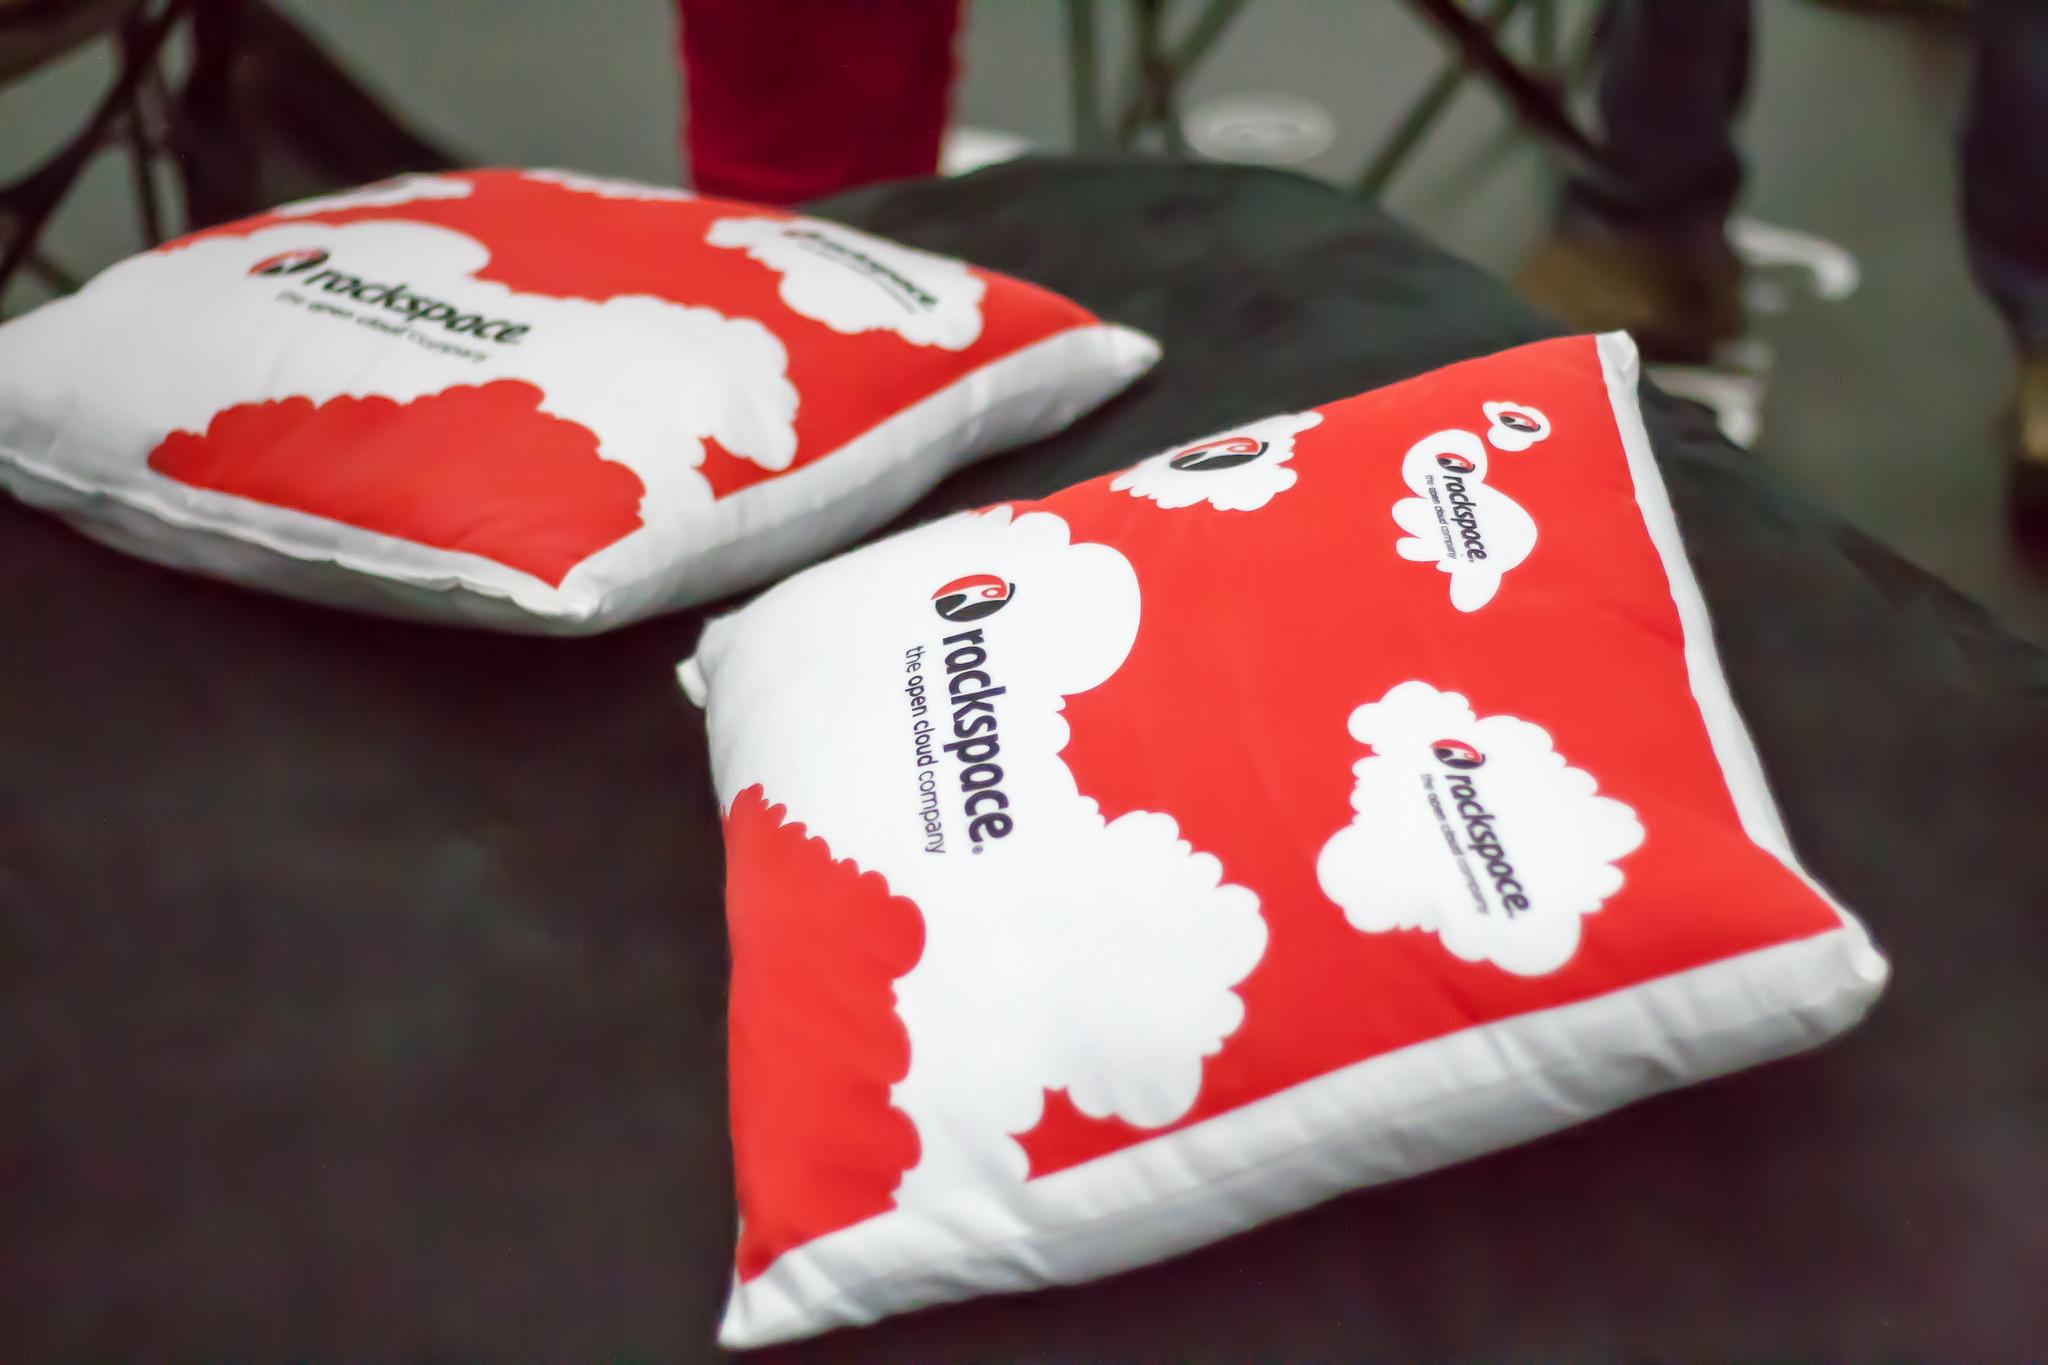 Rackspace pillows Garrett Heath Flickr